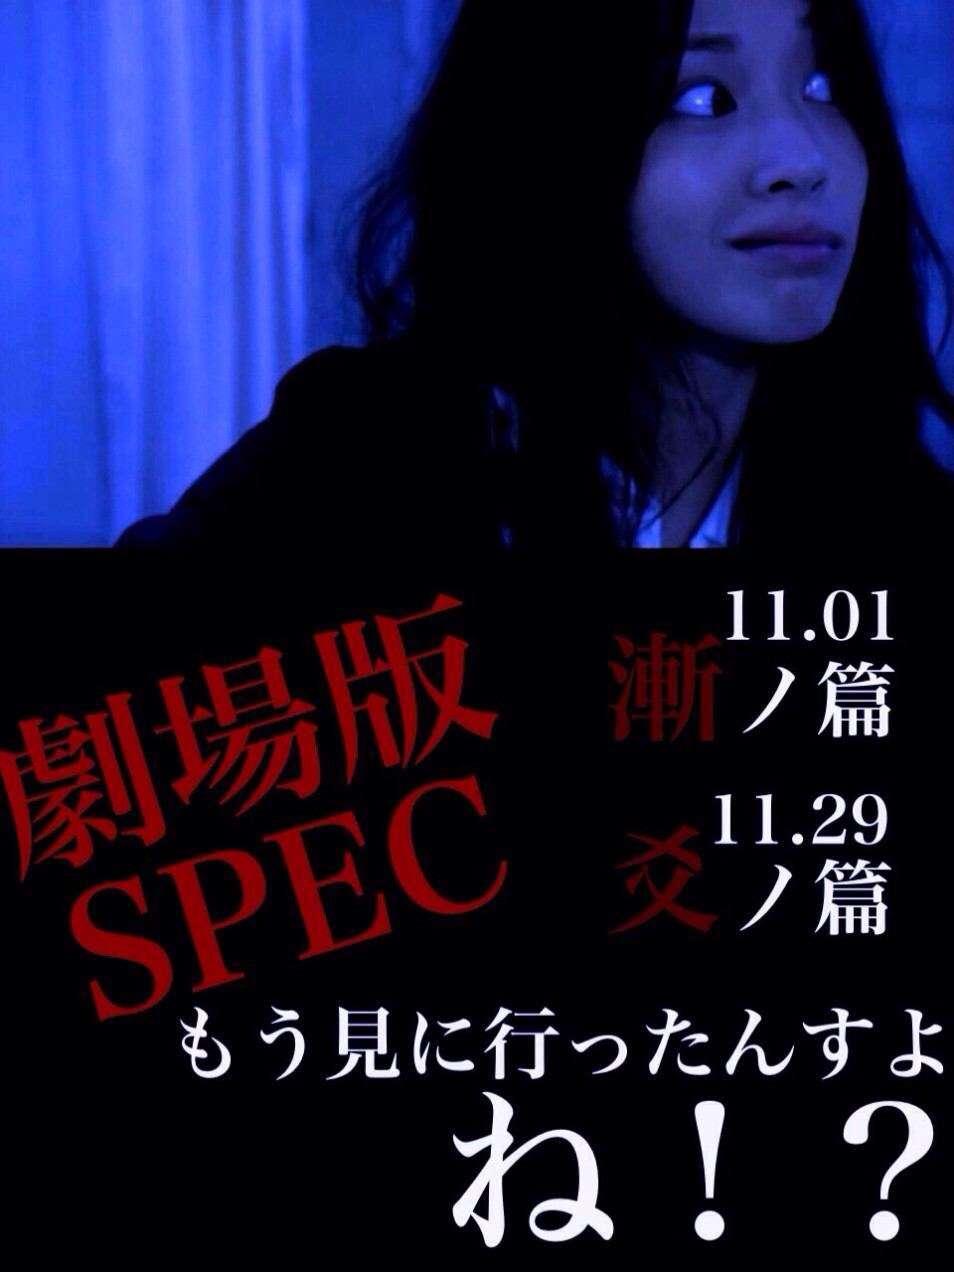 【映画】「SPEC結」公開9日間で100万人突破!前作「天」超えるハイペース